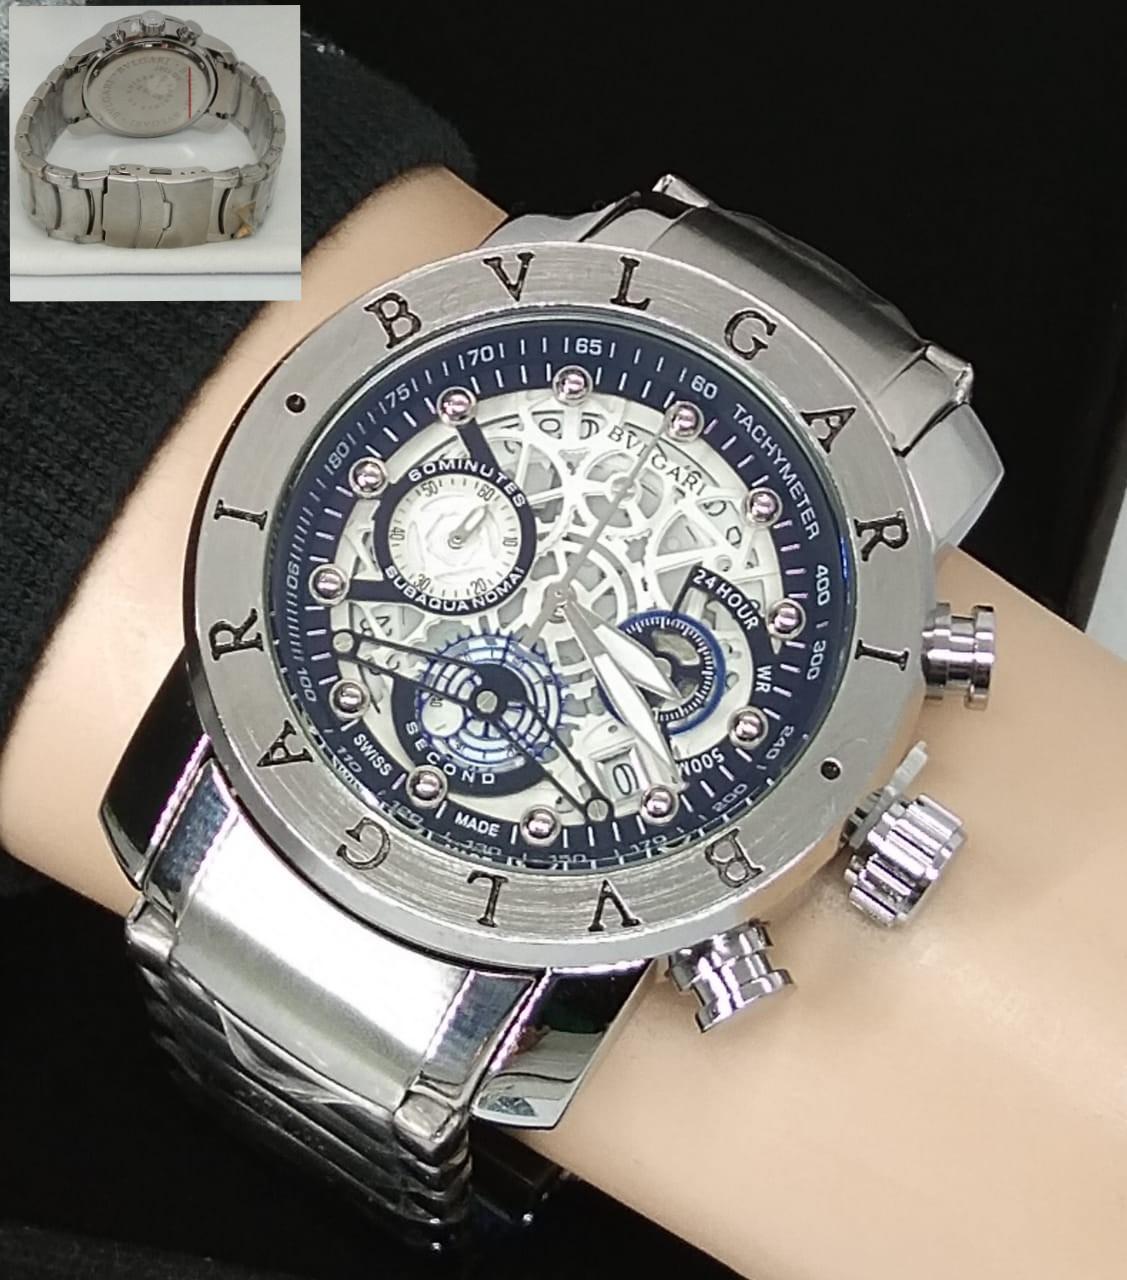 BISA BAYAR DI TEMPAT (COD) Jam Tangan Pria BVL-GAR1 ORIGINAL TaLi Rantai (Stainless Stell) jam tangan model baru,jam tangan keren Limited edition (CRONO & TANGGAL AKTIF)